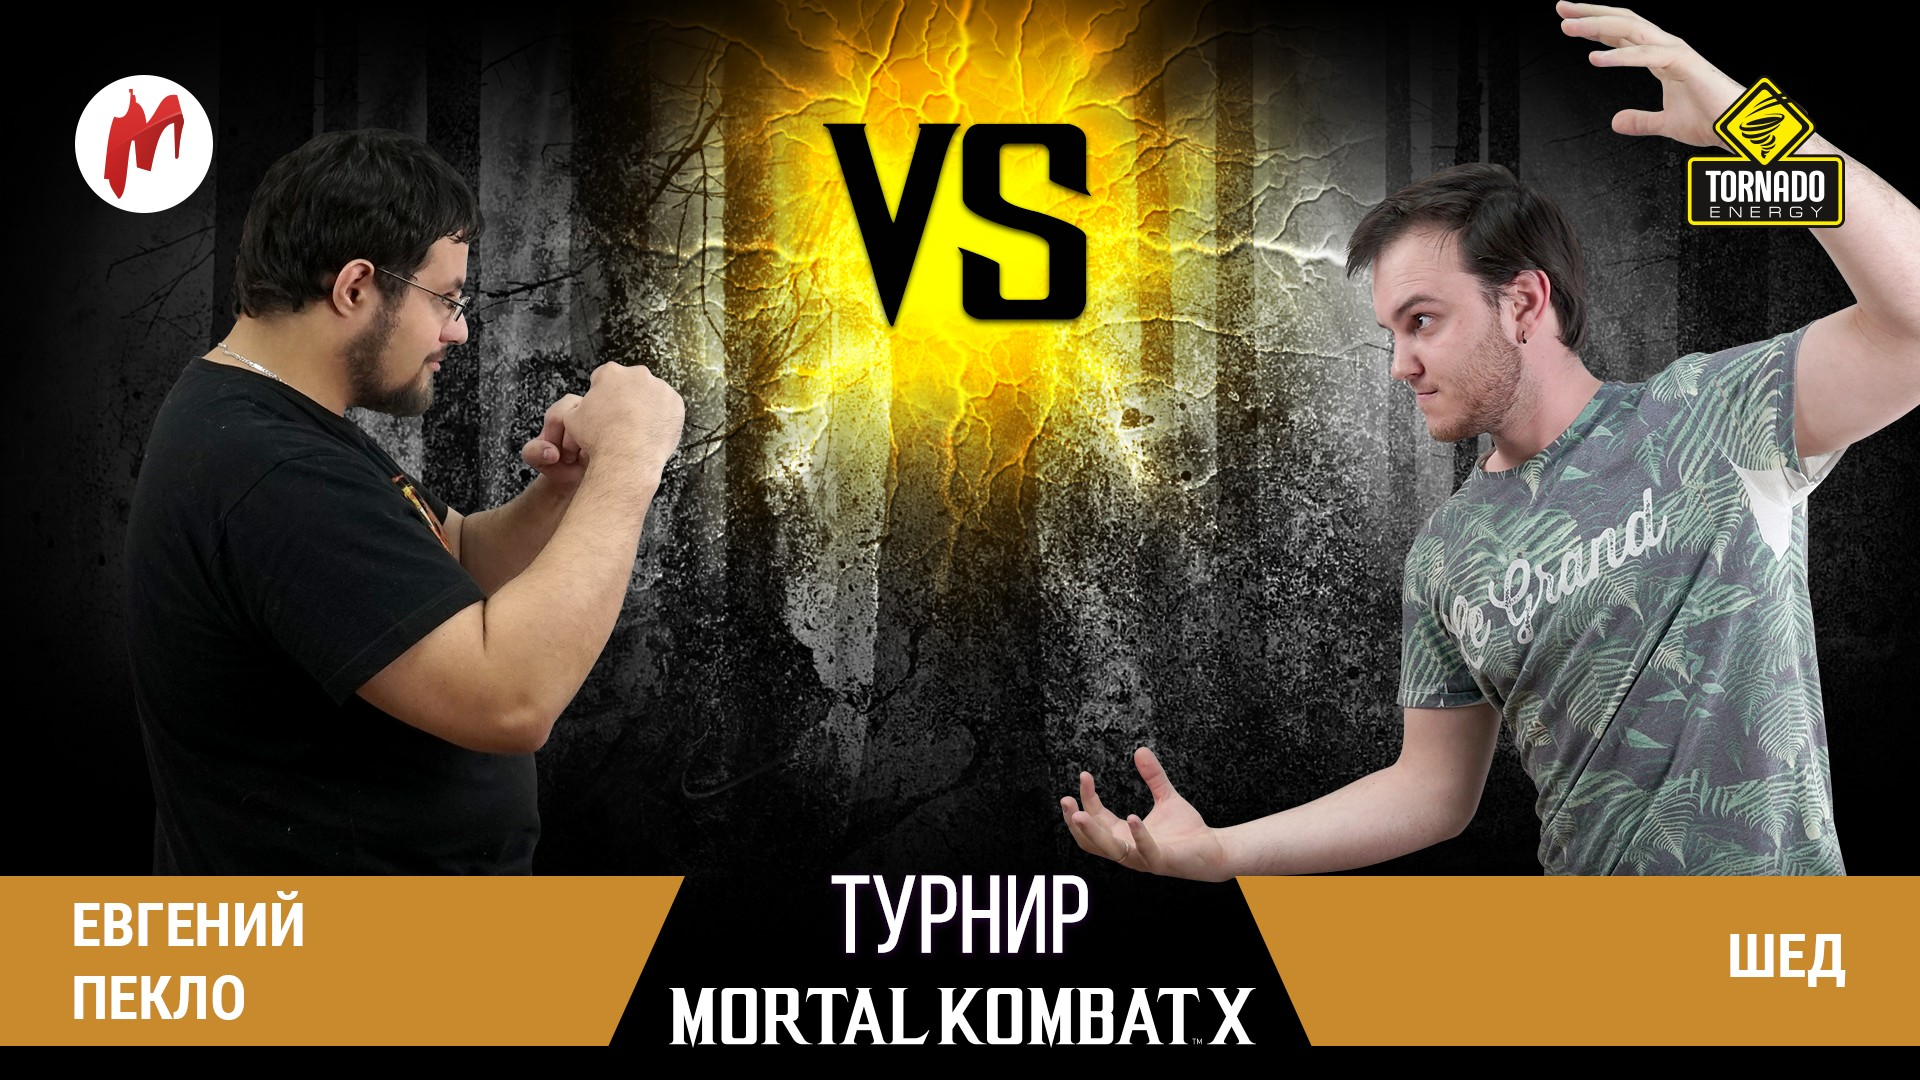 Турнир Игромании по Mortal Kombat X! 1/4 финала: Евгений Пеклоvs.Шед